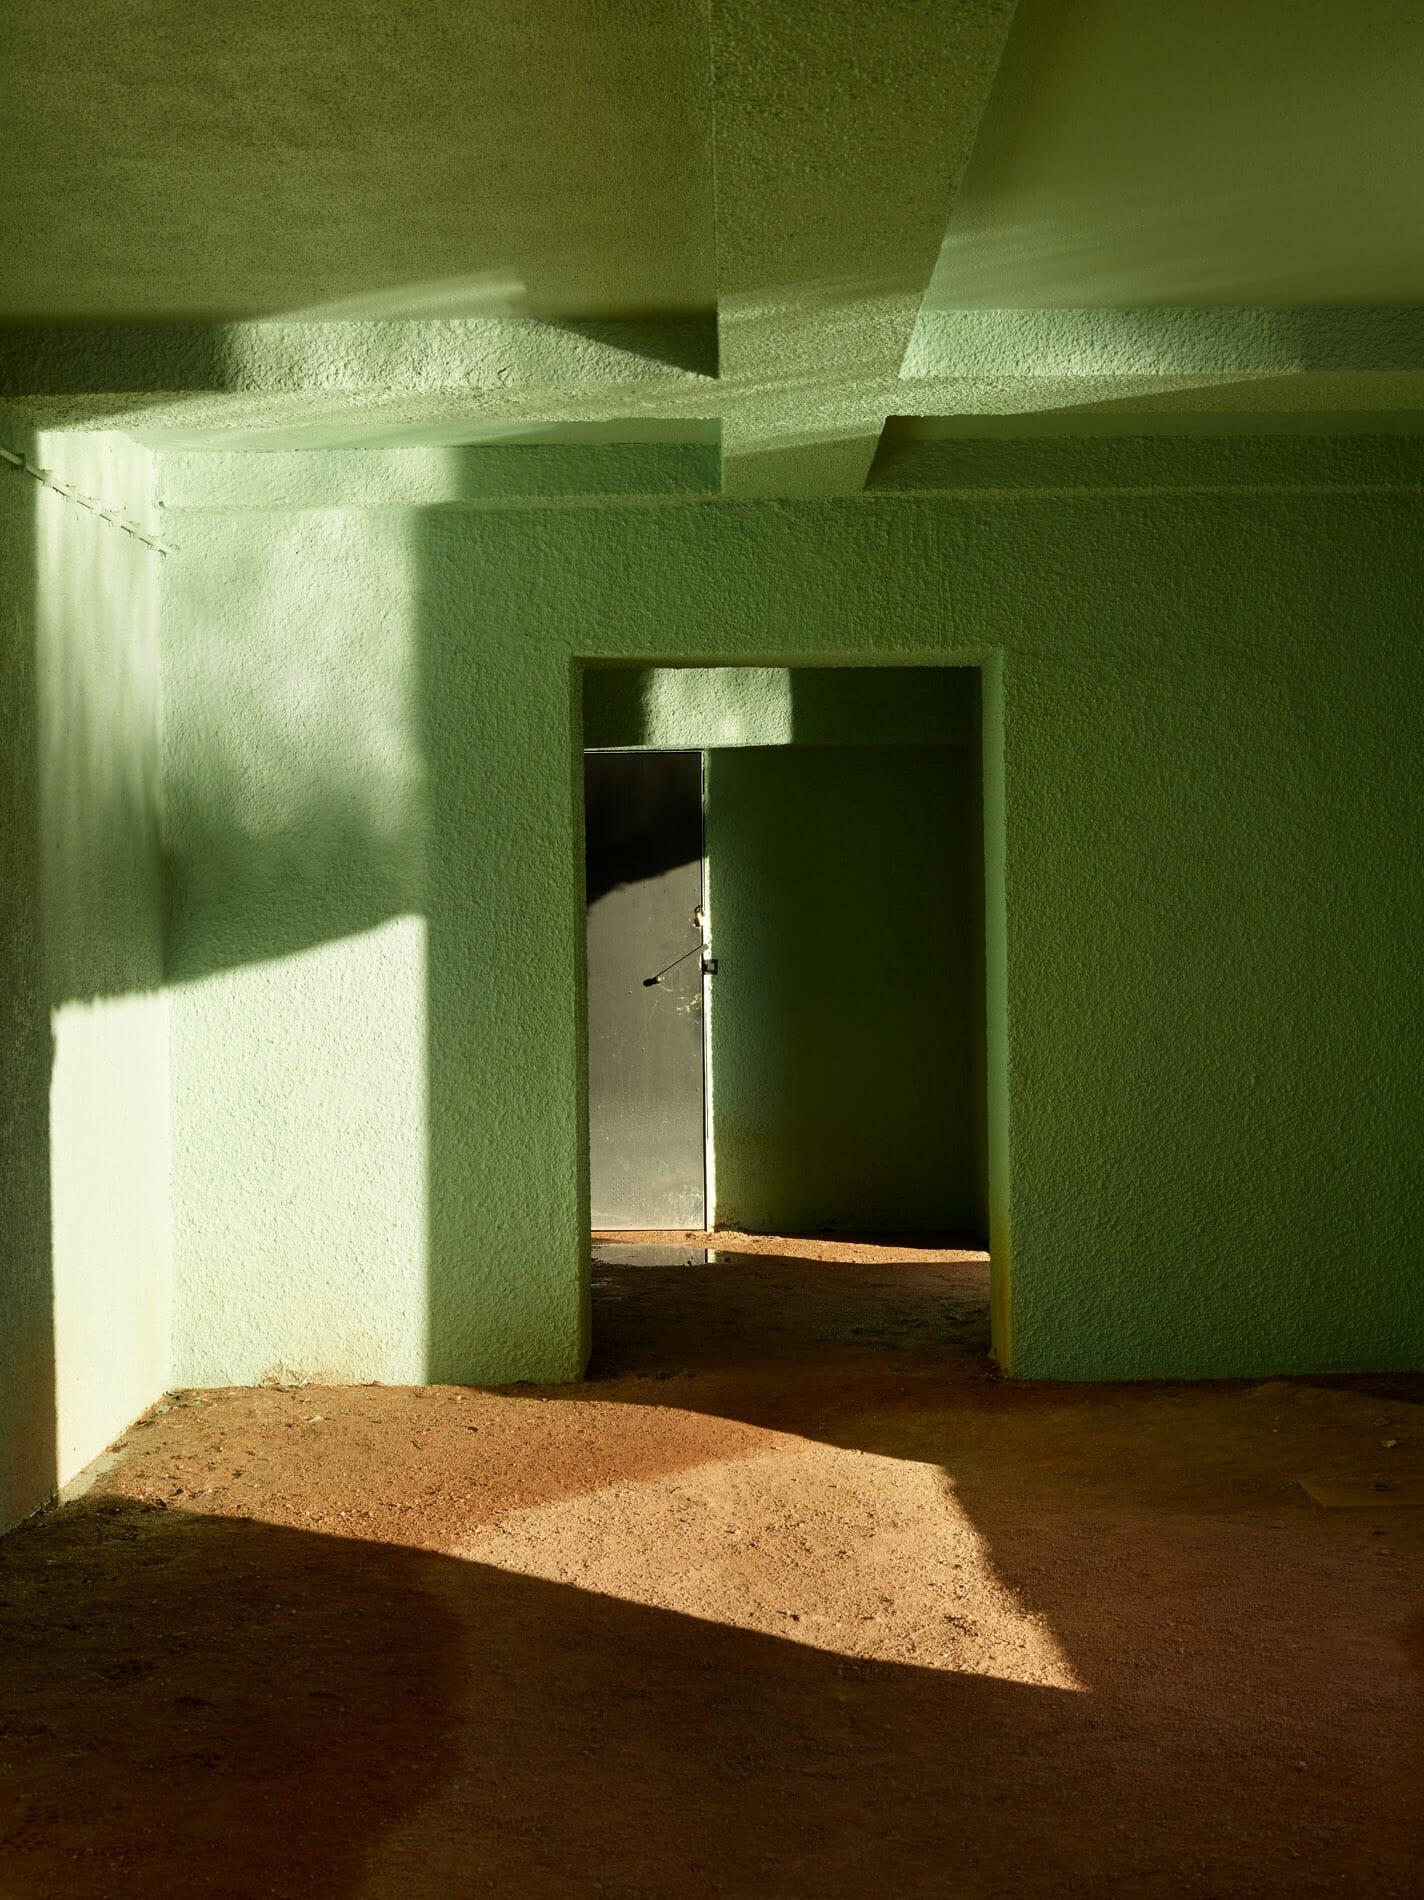 rachael-smith-interiors-14122019-090-1